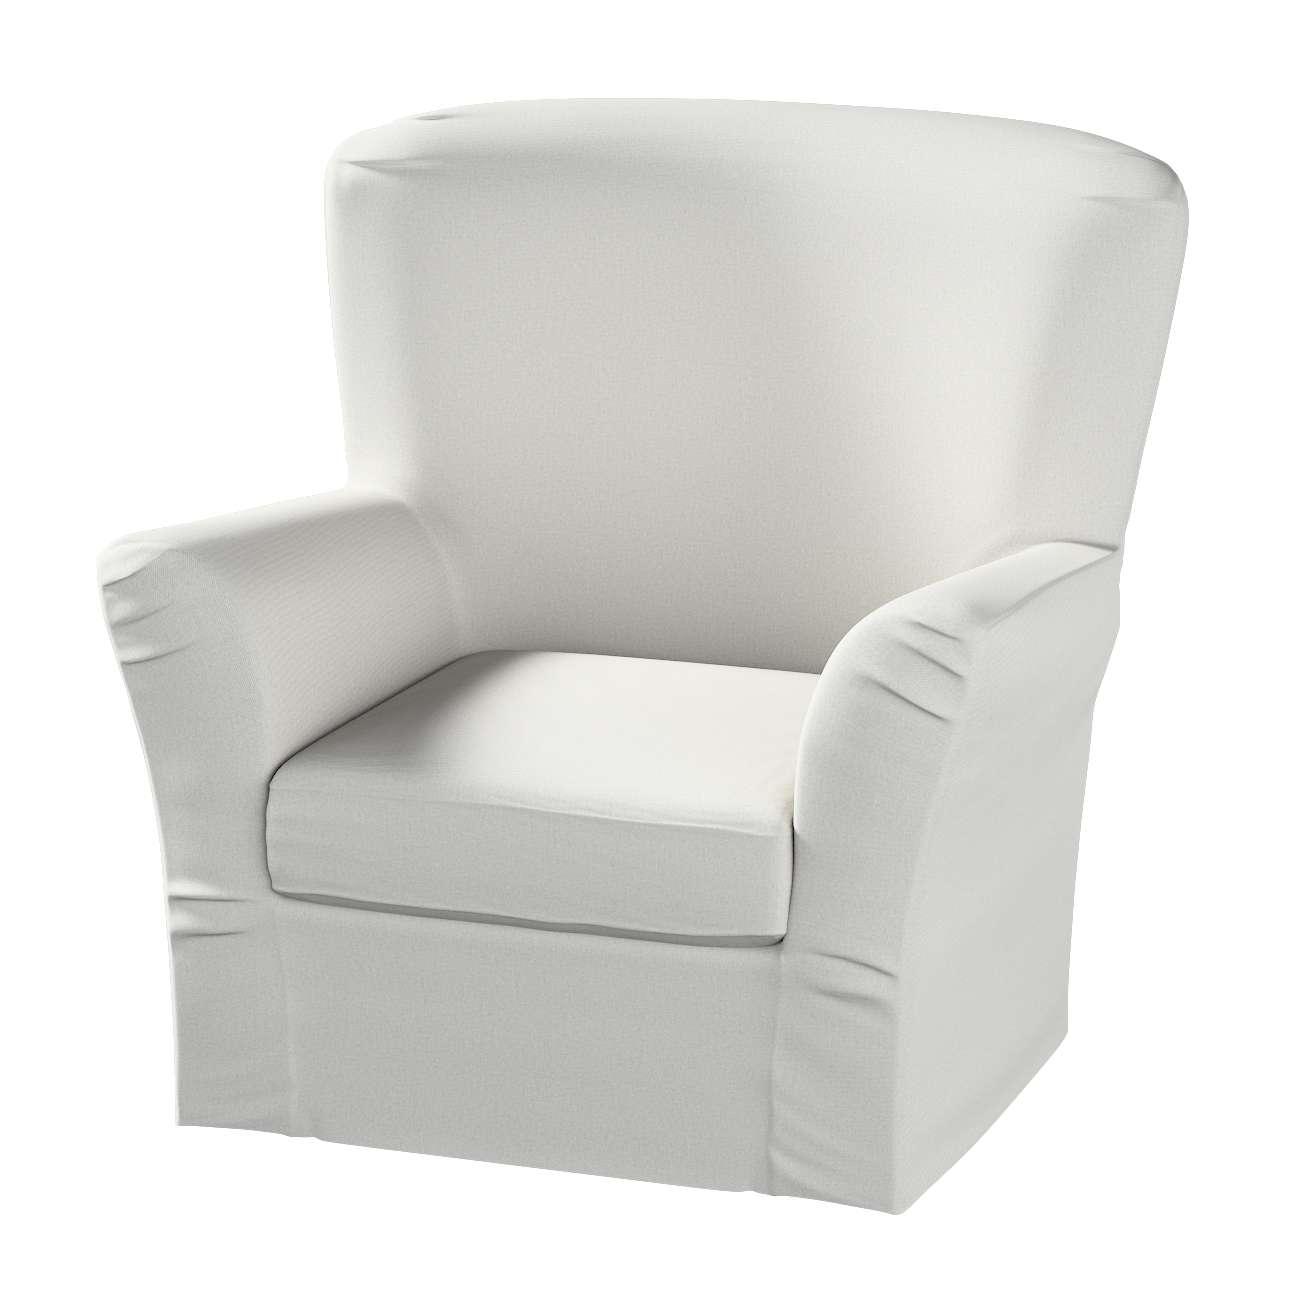 Pokrowiec na fotel Tomelilla z zakładkami fotel Tomelilla w kolekcji Etna , tkanina: 705-90